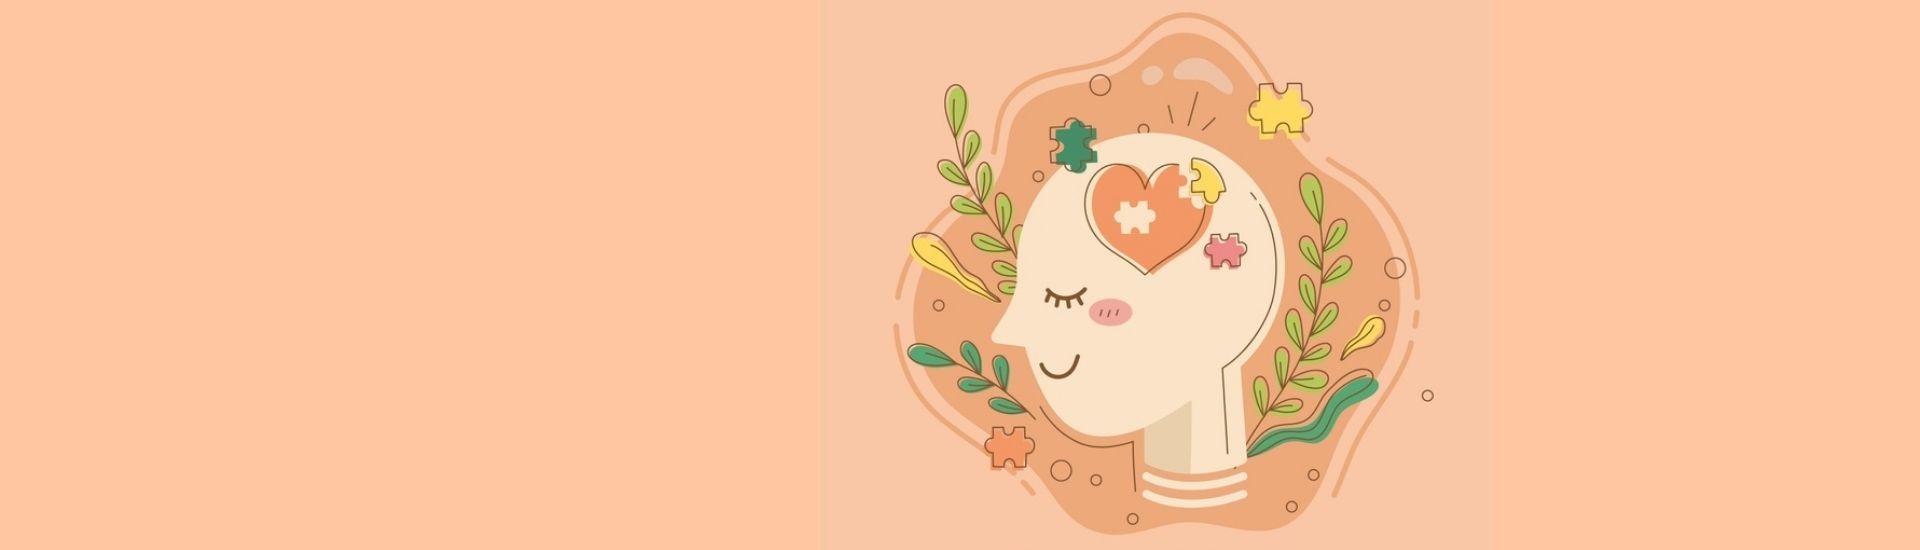 Ilustración de una mente trabajando por su bienestar en tonos rosados